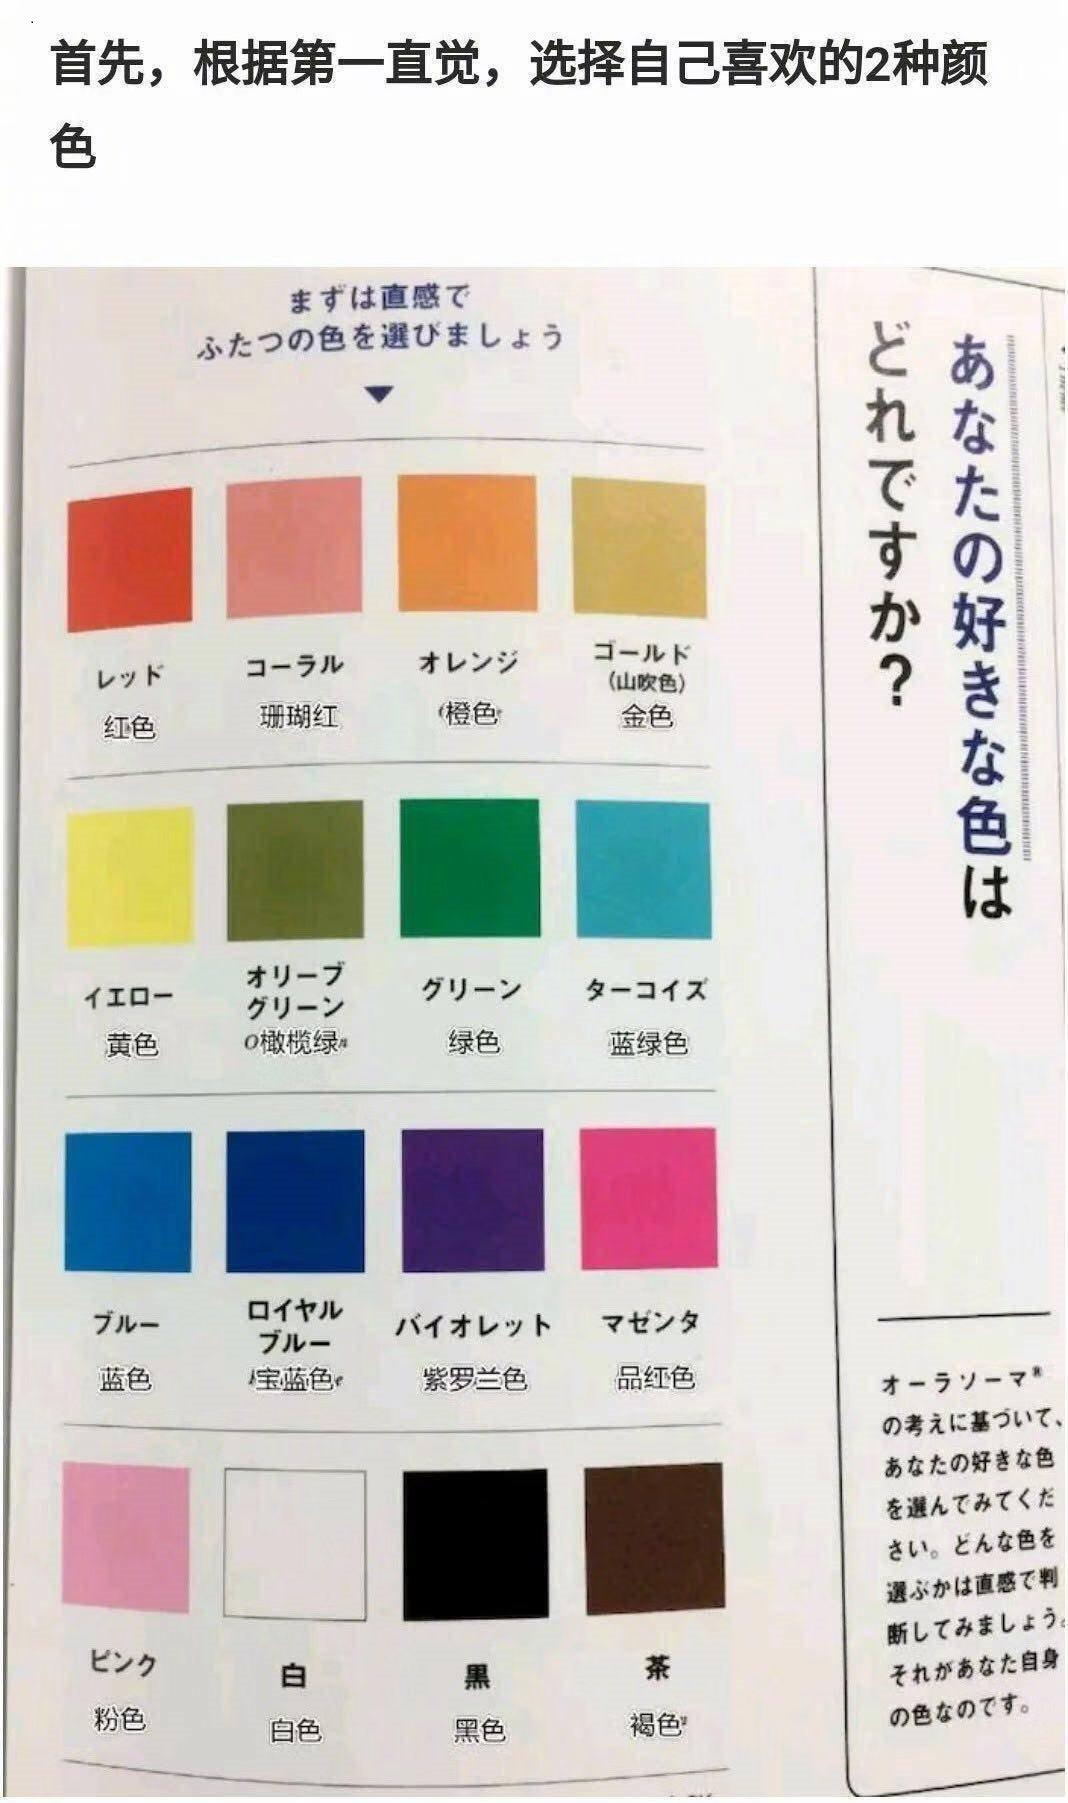 41_副本.jpg